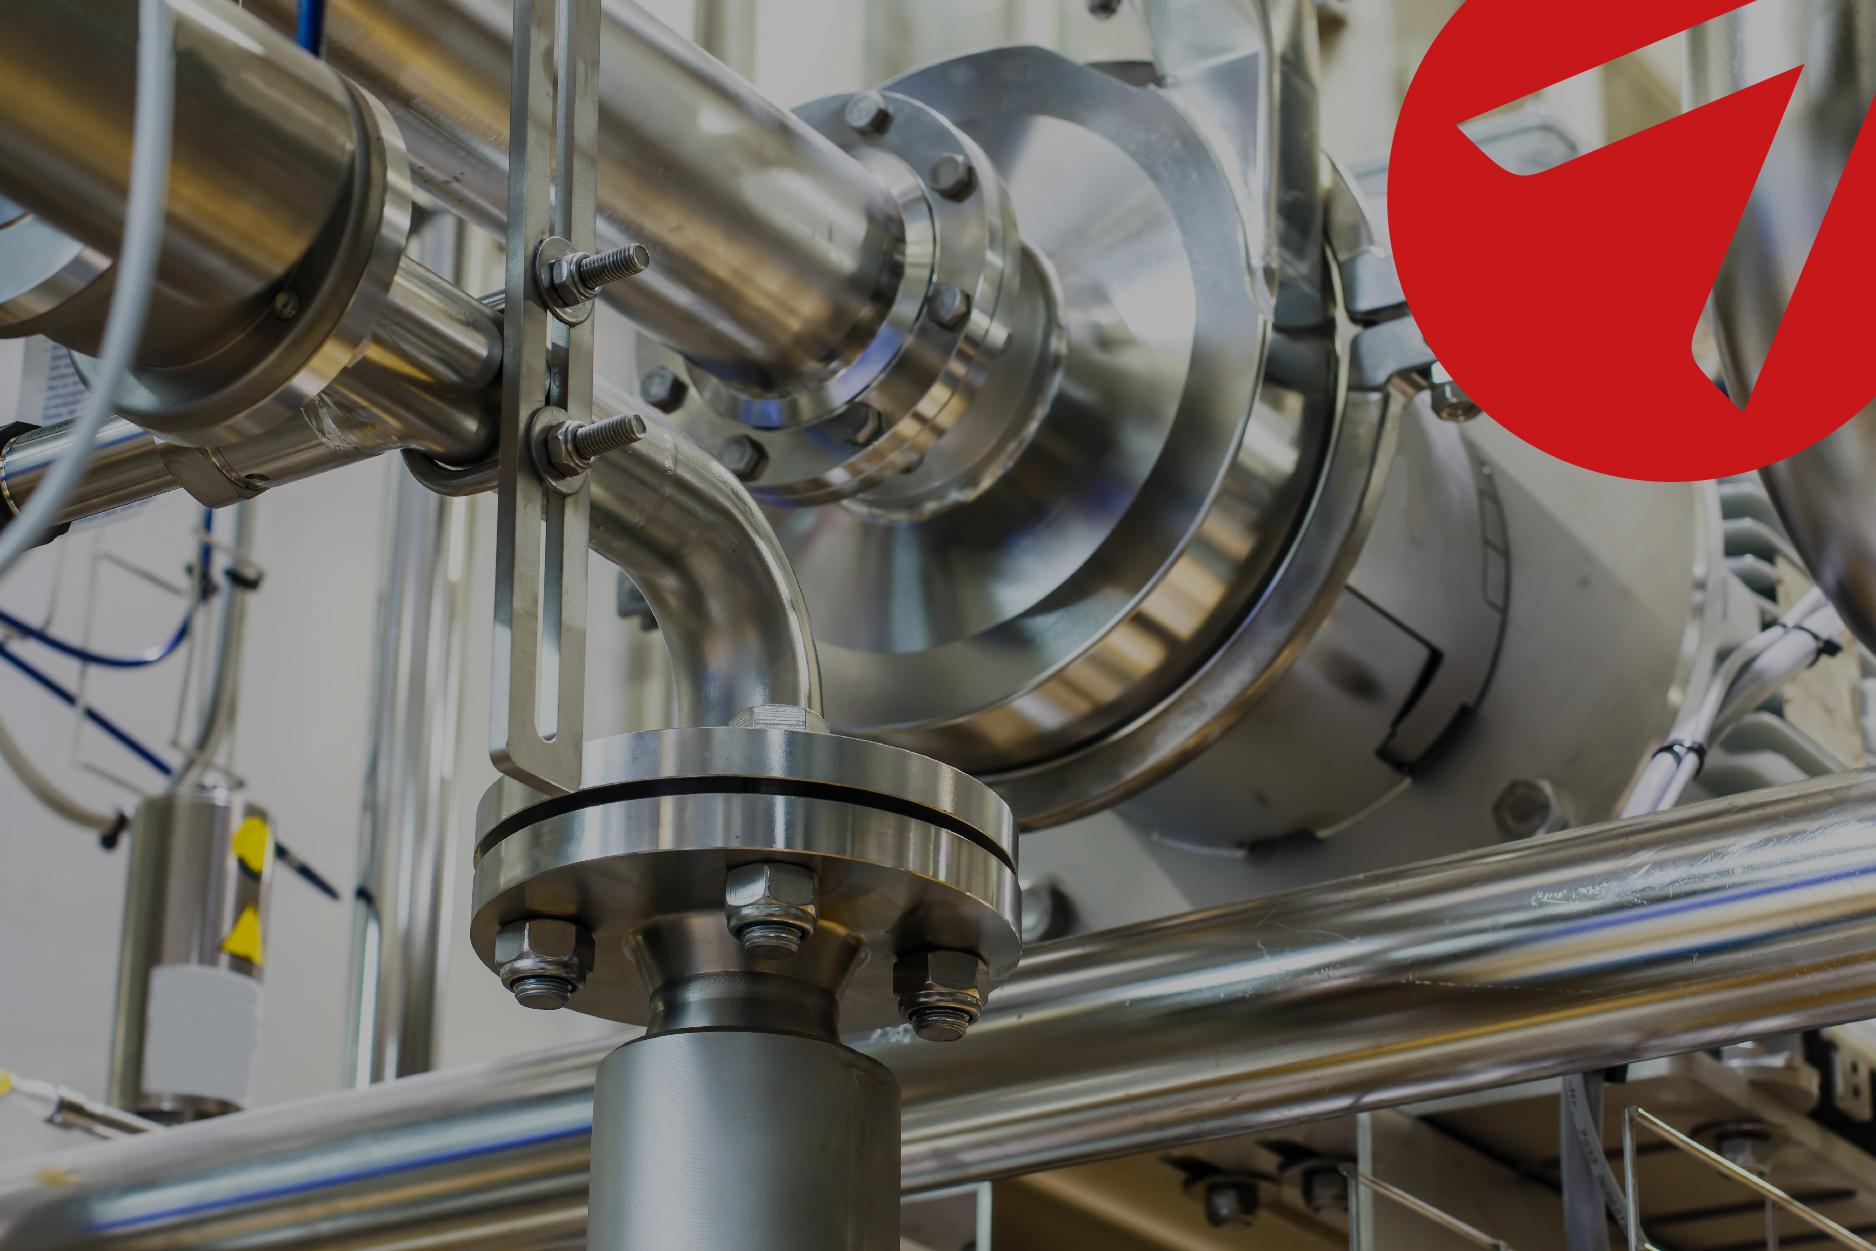 Taller virtual: Diseño Higiénico – Estrategia para minimizar riesgos en la industria alimentaria